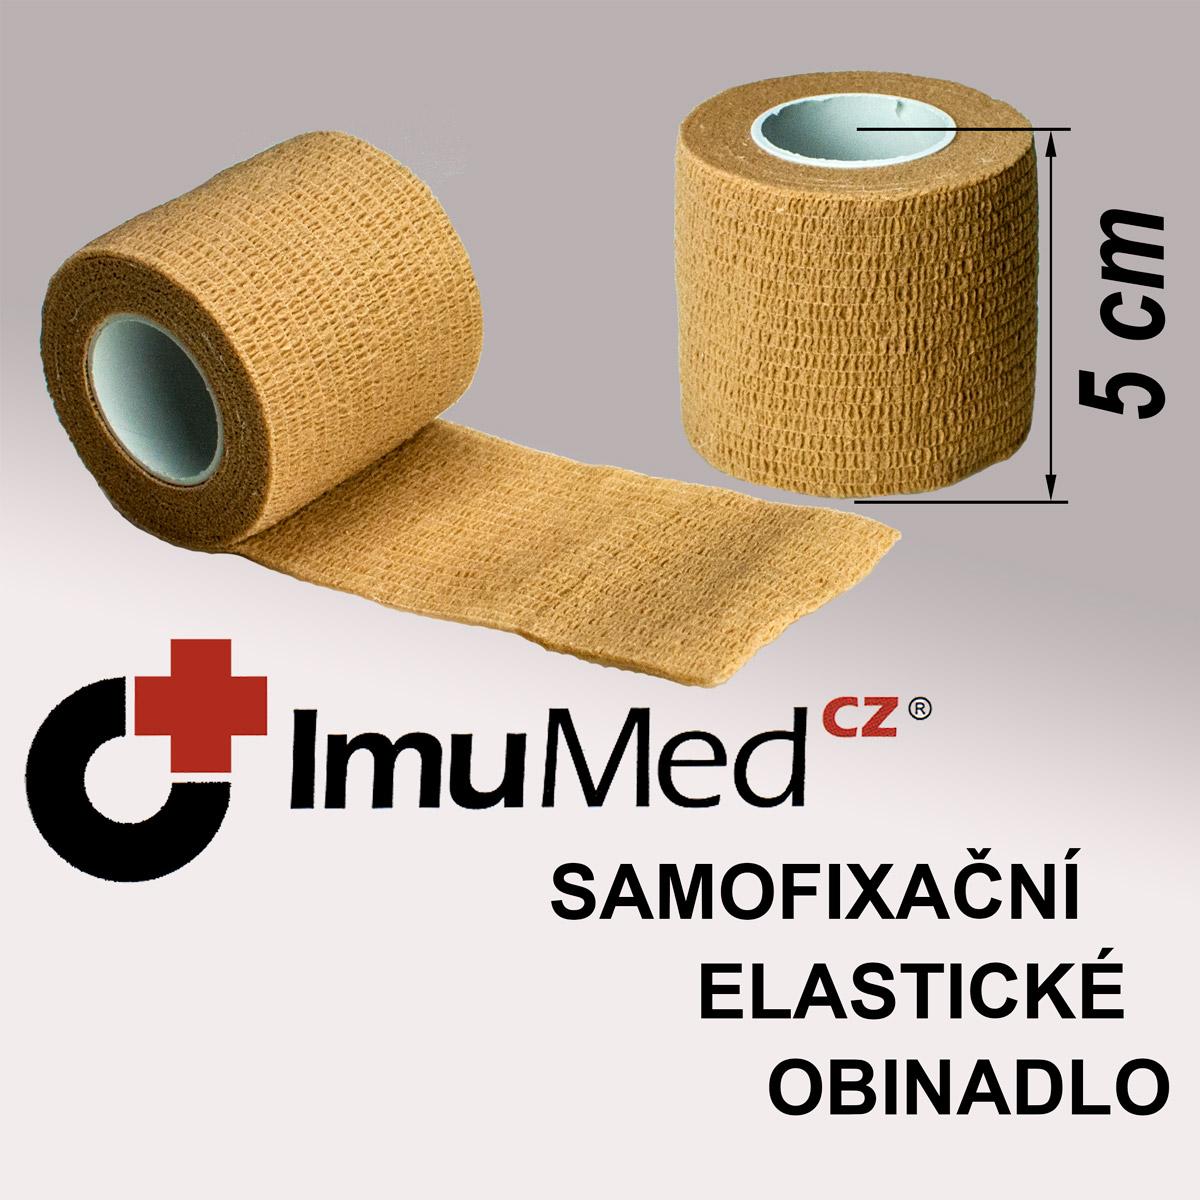 ImuMedCZ samofixační elastické obinadlo 5 cm x 4,5 m TĚLOVÁ barva ImuMedCZ samodržící elastické obinadlo 5 cm x 4,5 m TĚLOVÁ barva